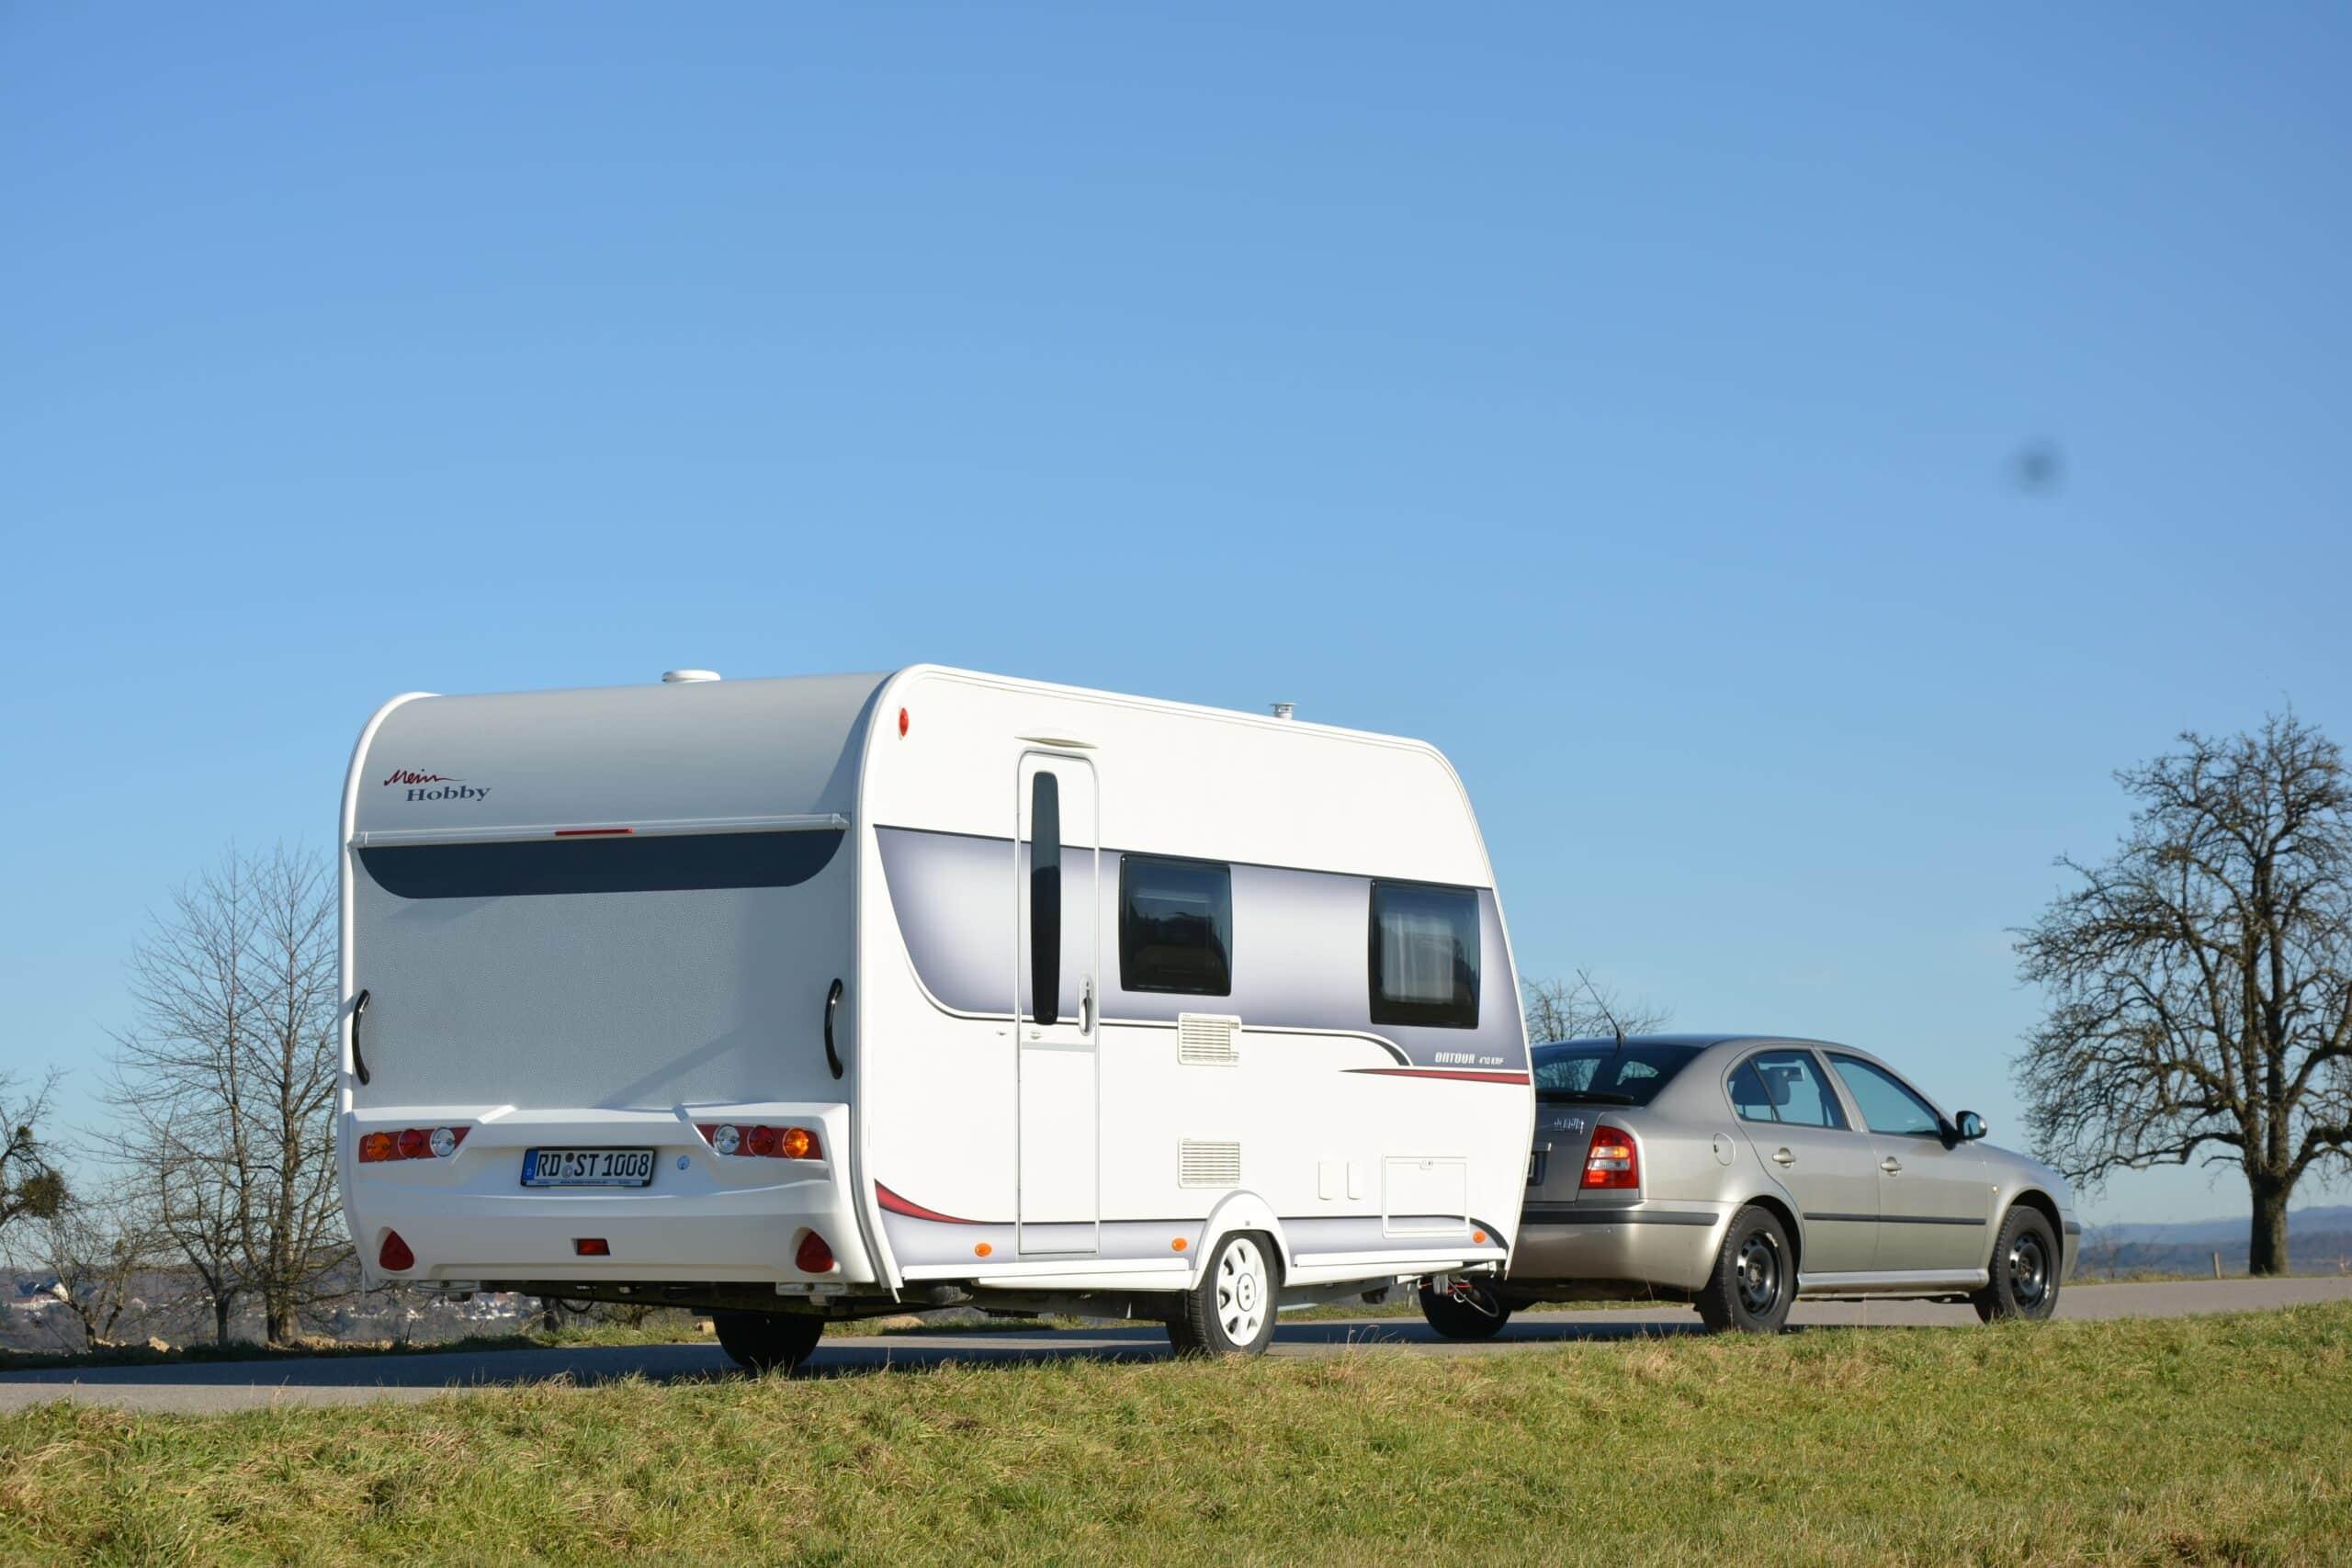 Wohnwagen Mit Etagenbett Test : Hobby ontour 470 kmf im test camping cars & caravans